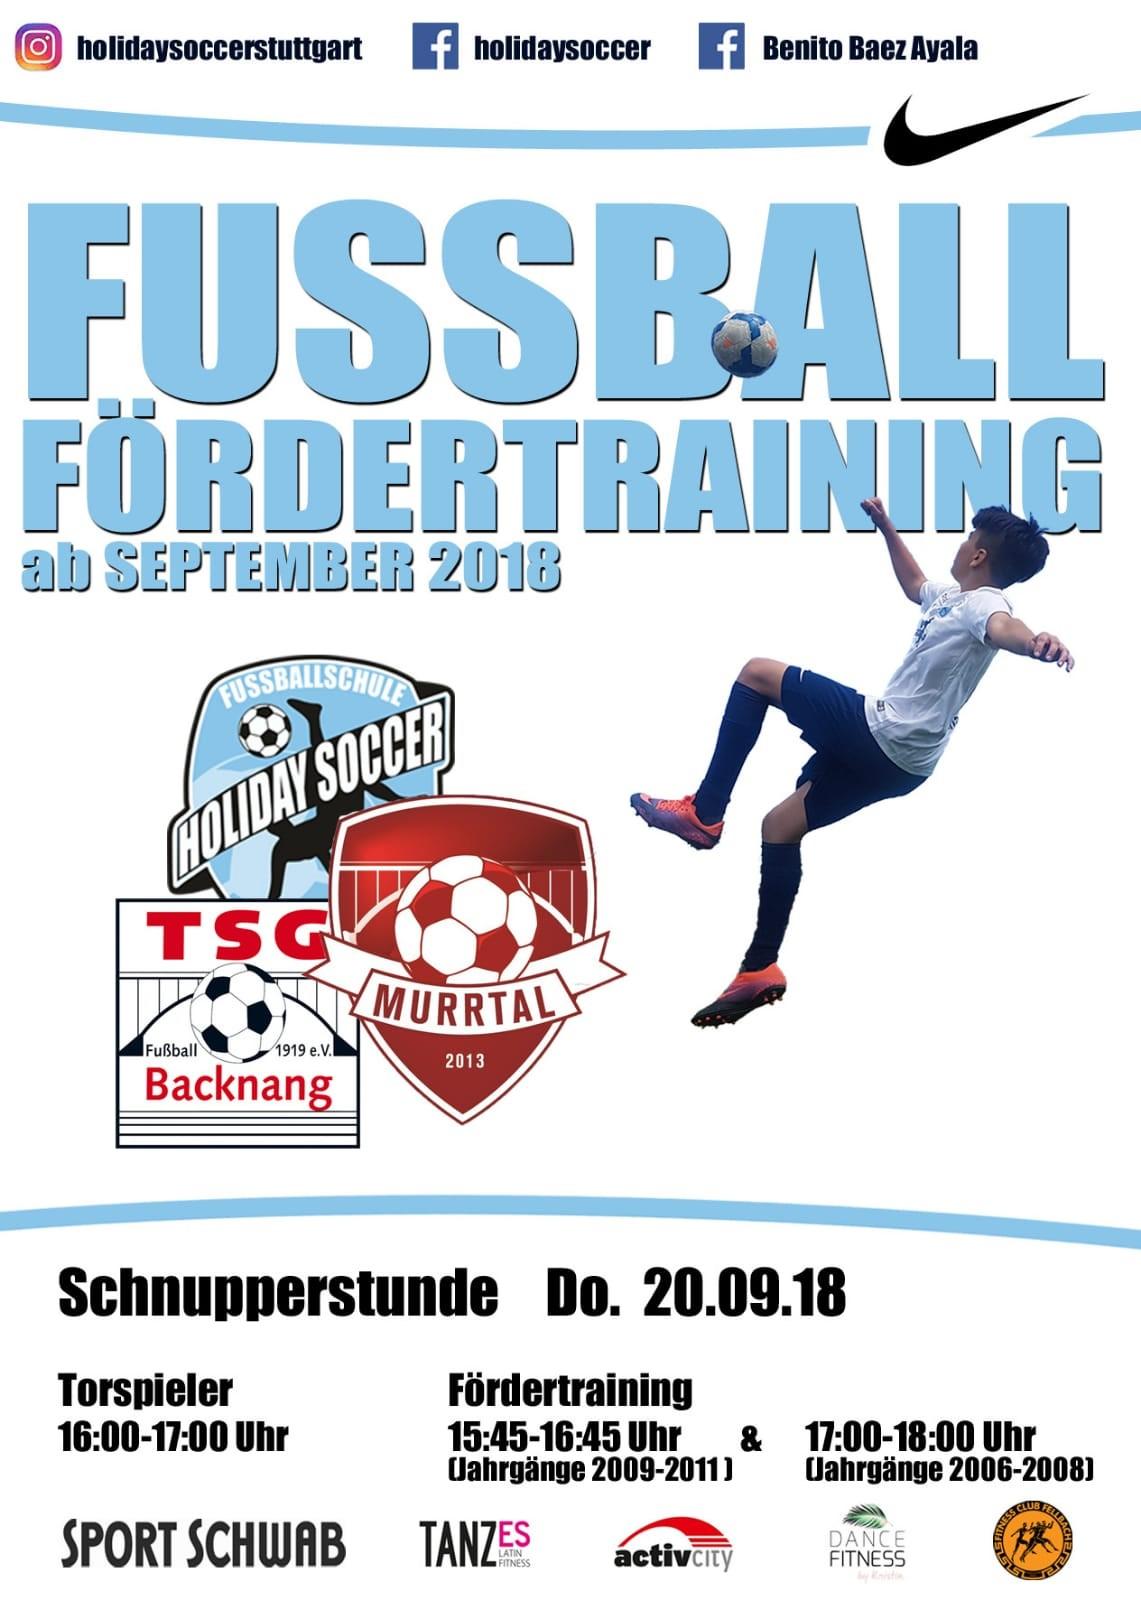 Fussballschule bei der TSG Backnang geht an den Start